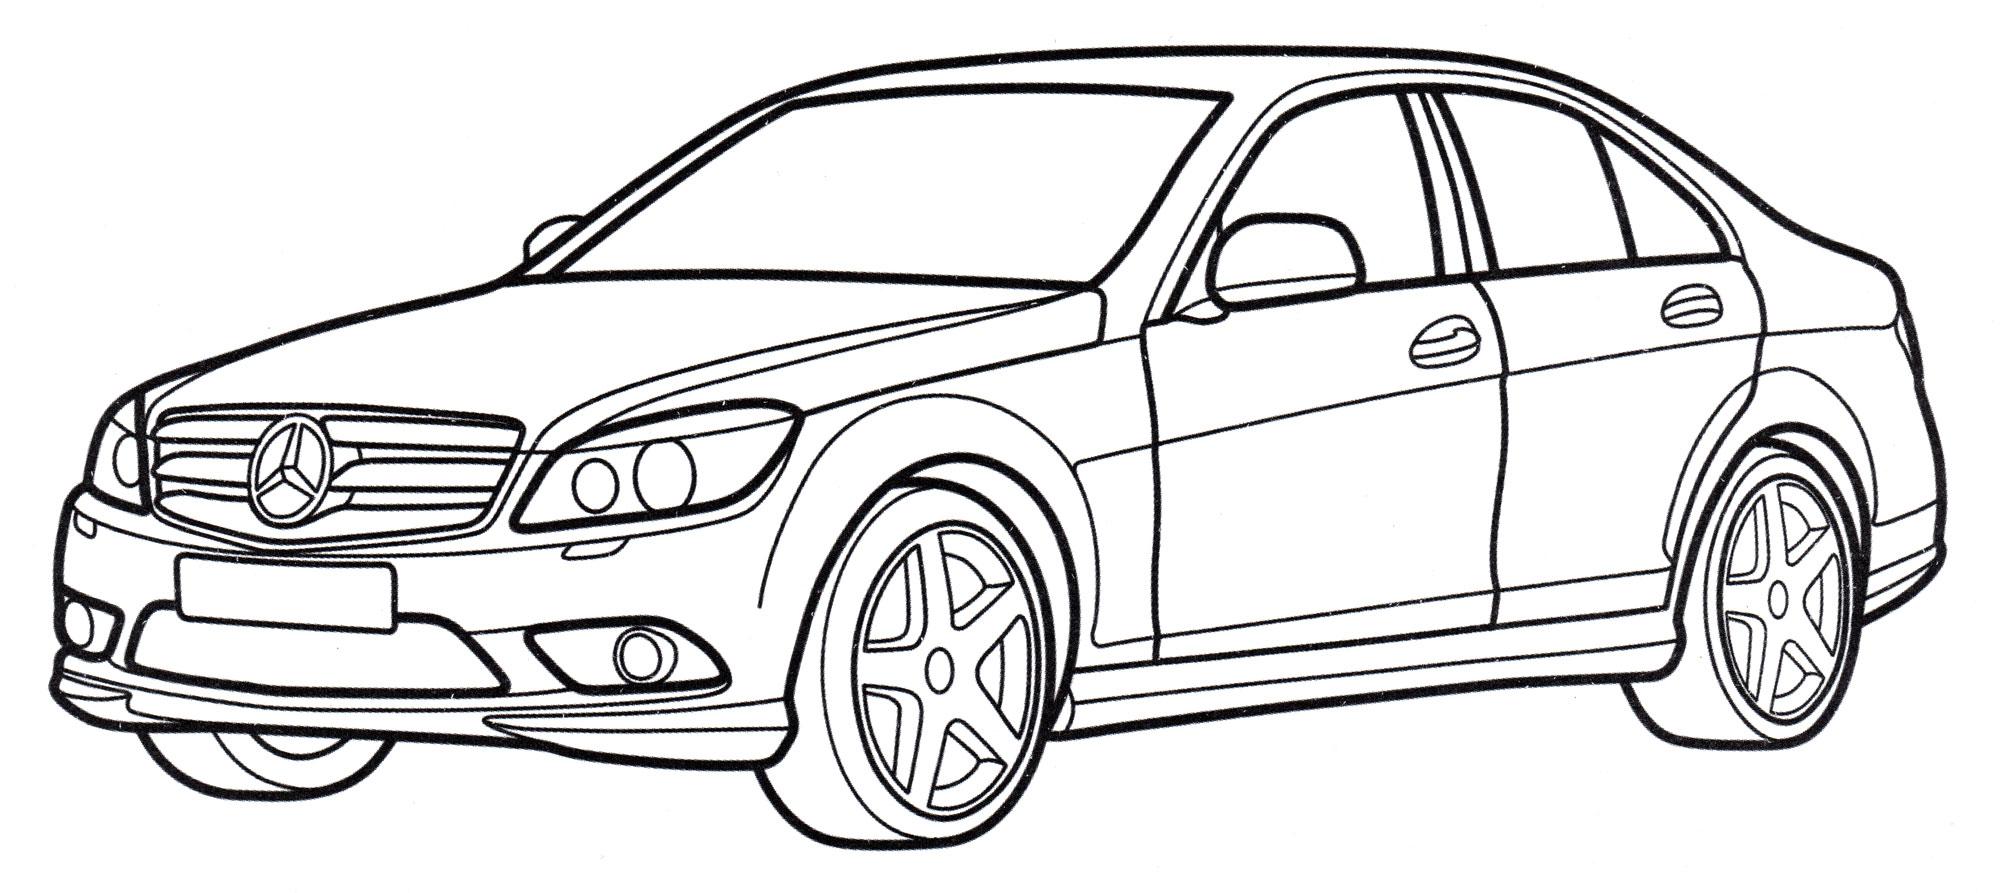 Раскраска Mercedes C-class - распечатать бесплатно